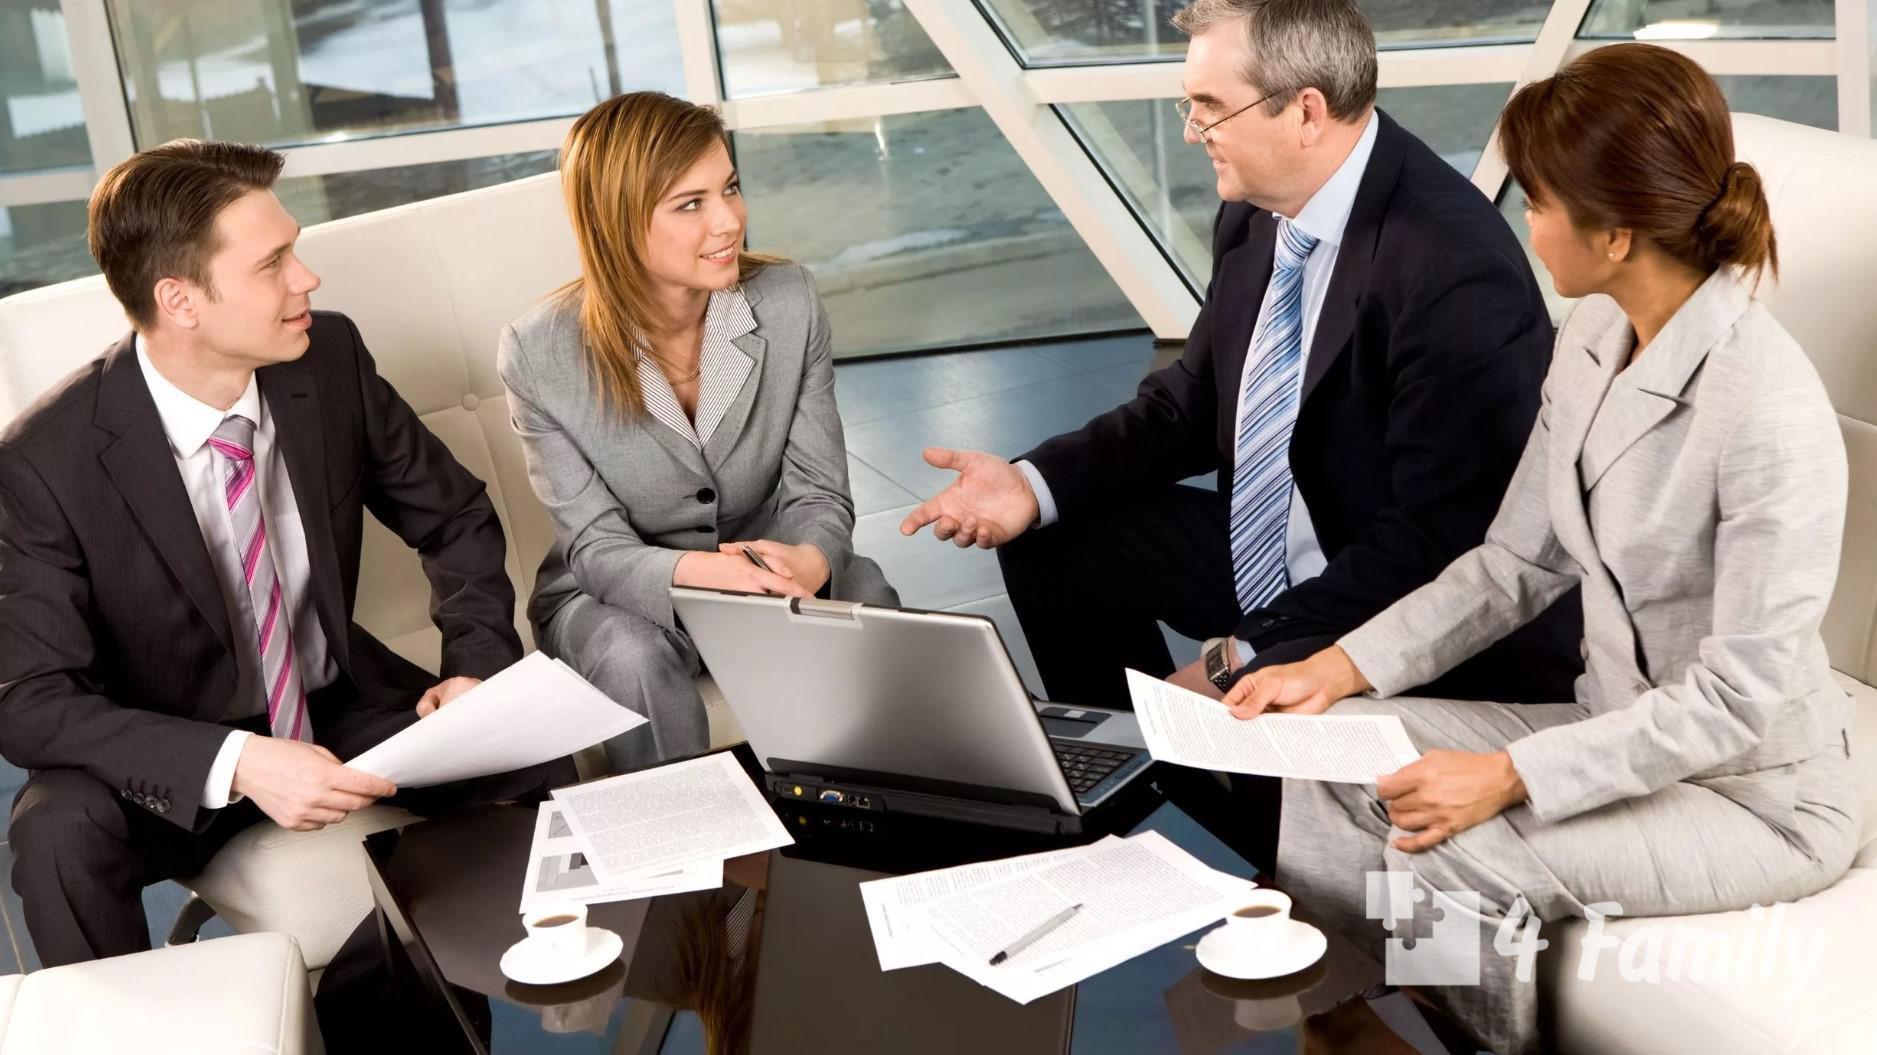 Этика делового общения. Основные стандарты и правила